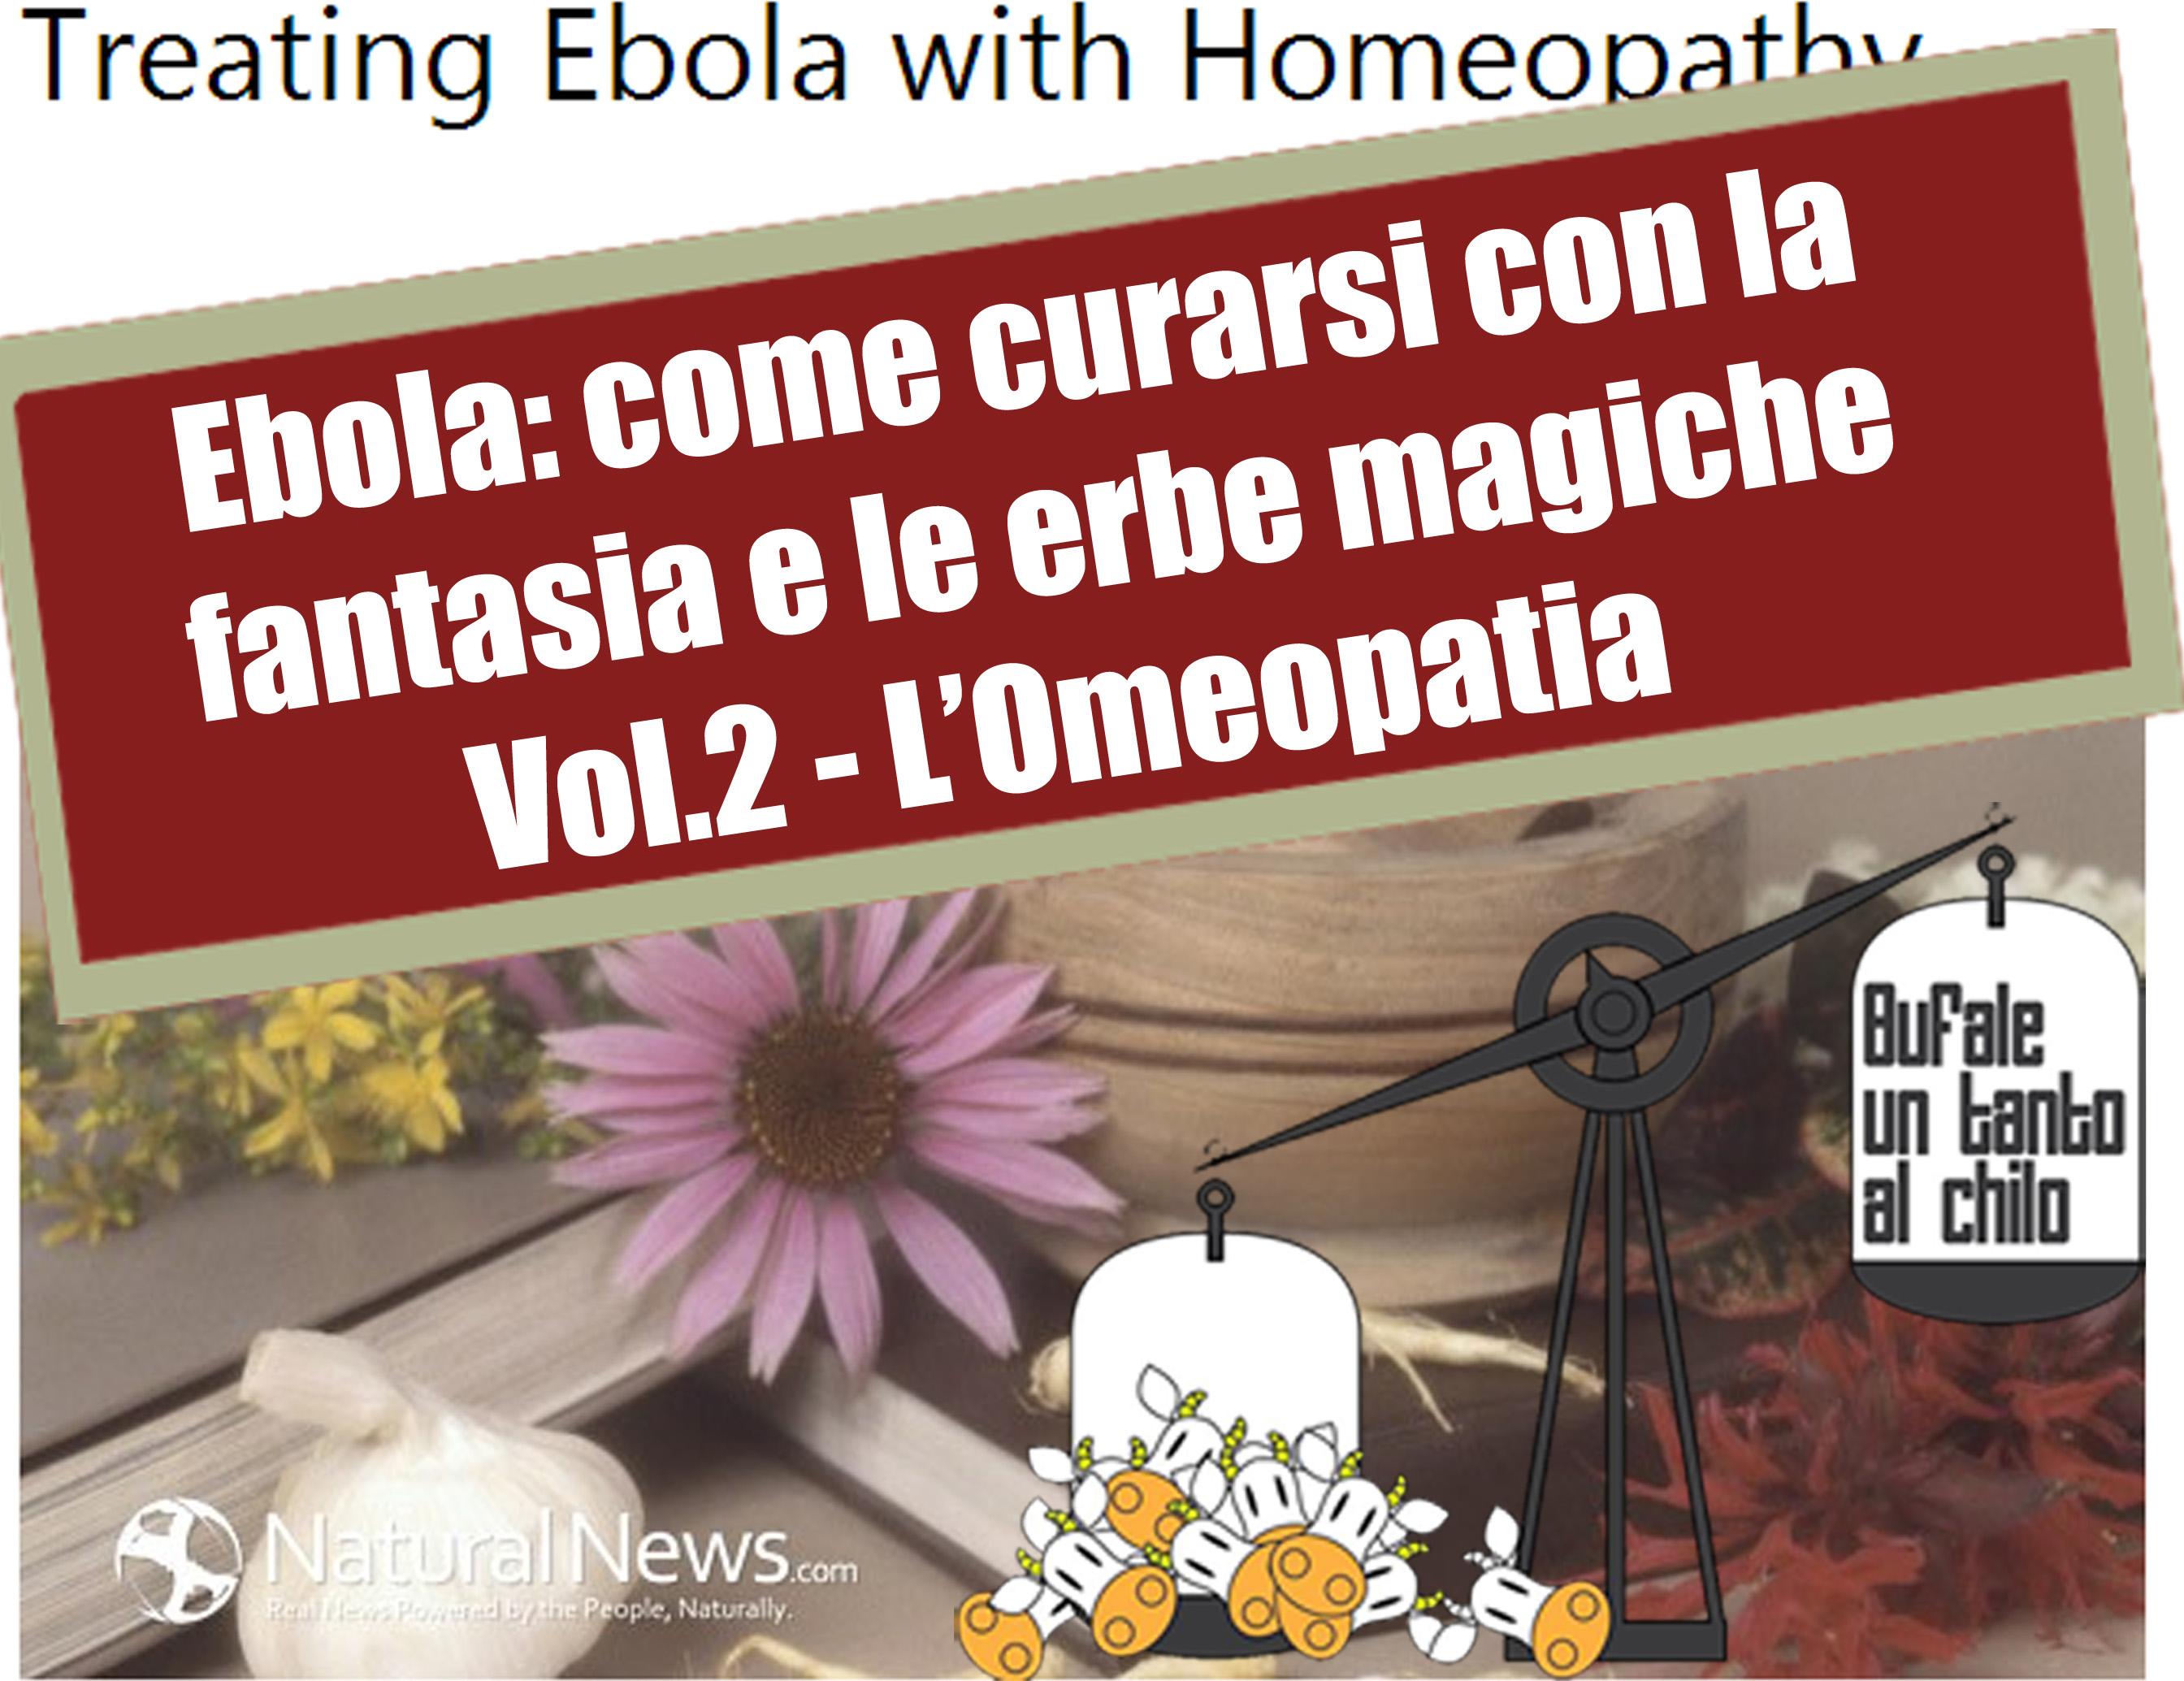 ebola2-omeopatia